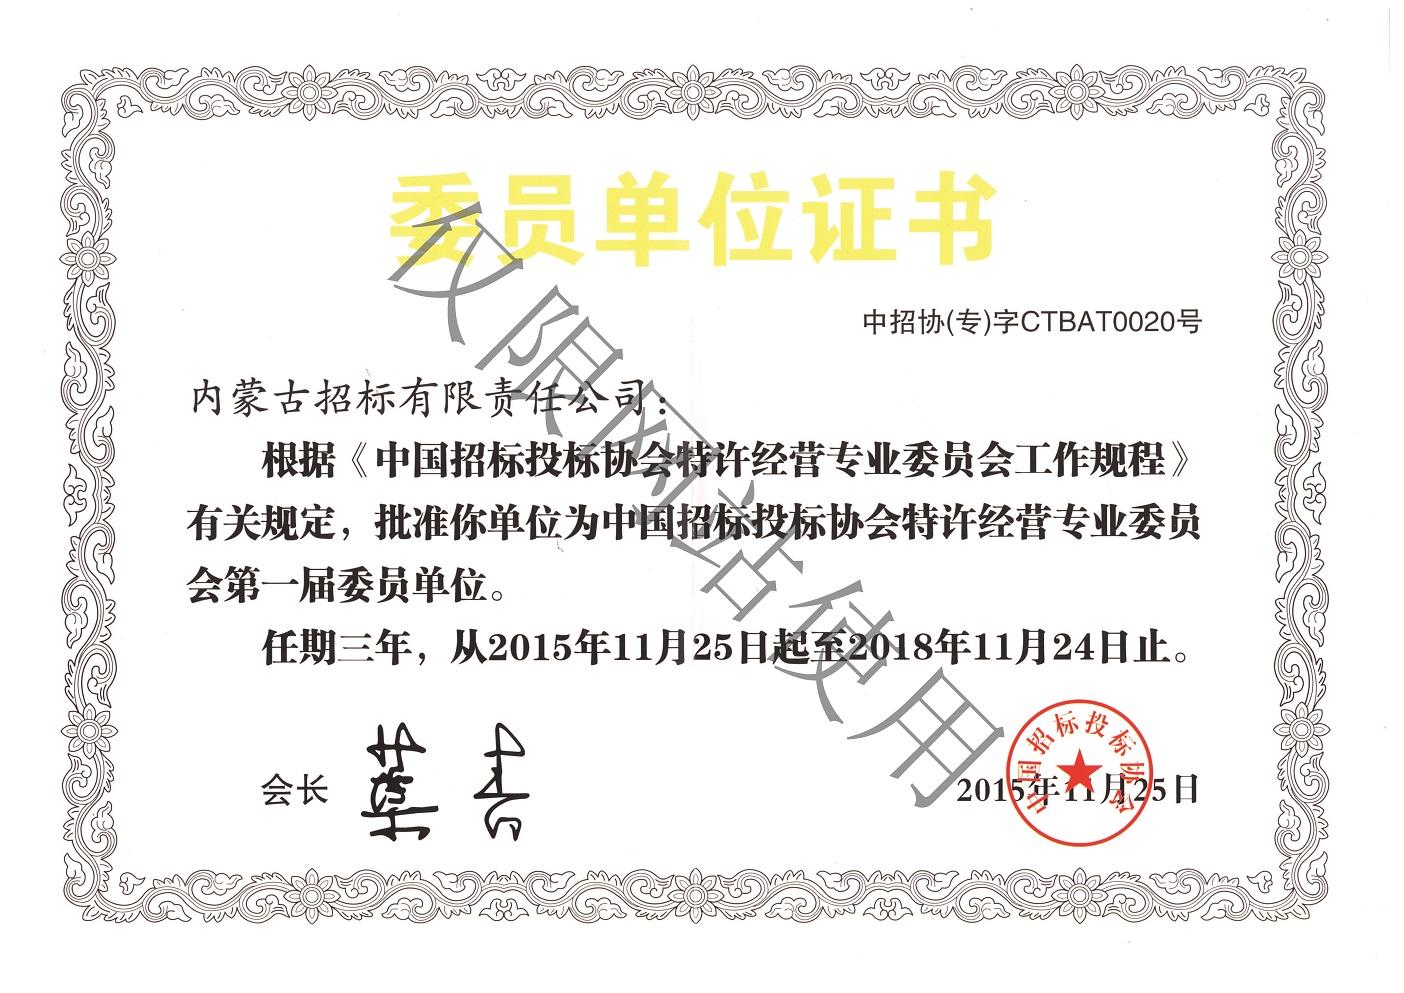 中招协特许经营委员委员单位